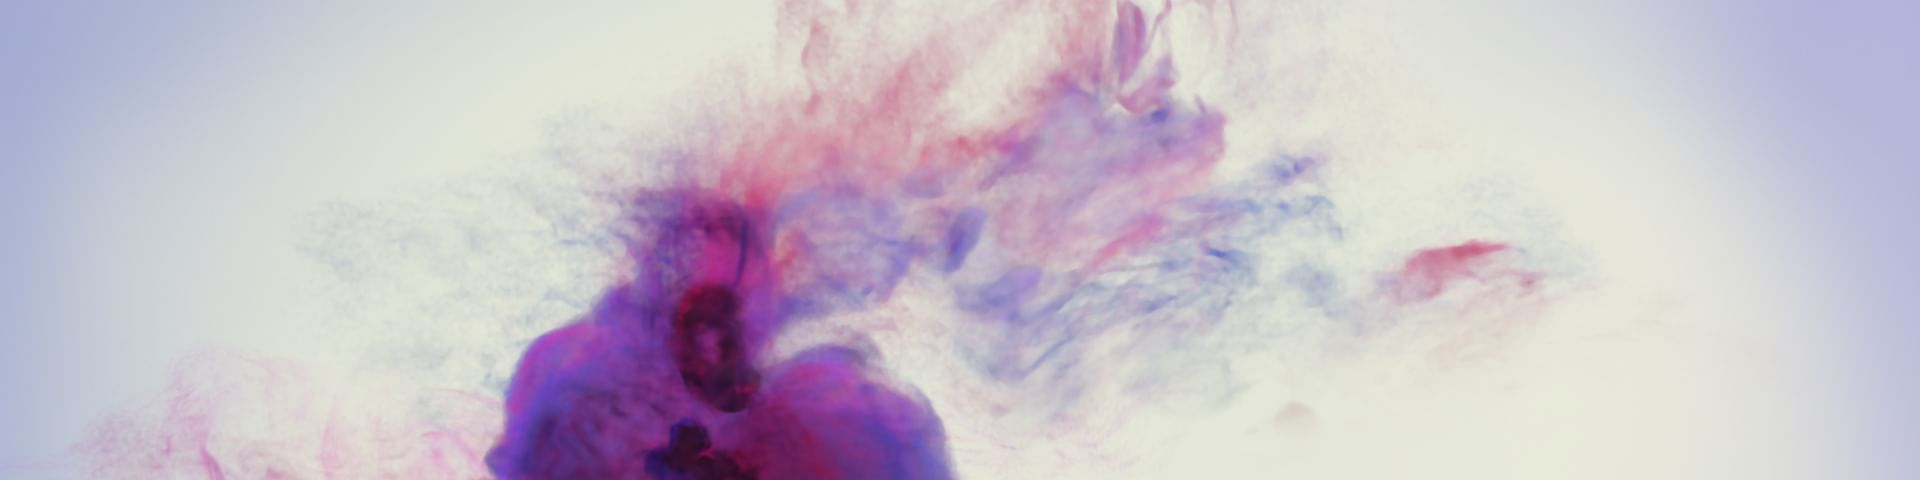 Macy's, New York